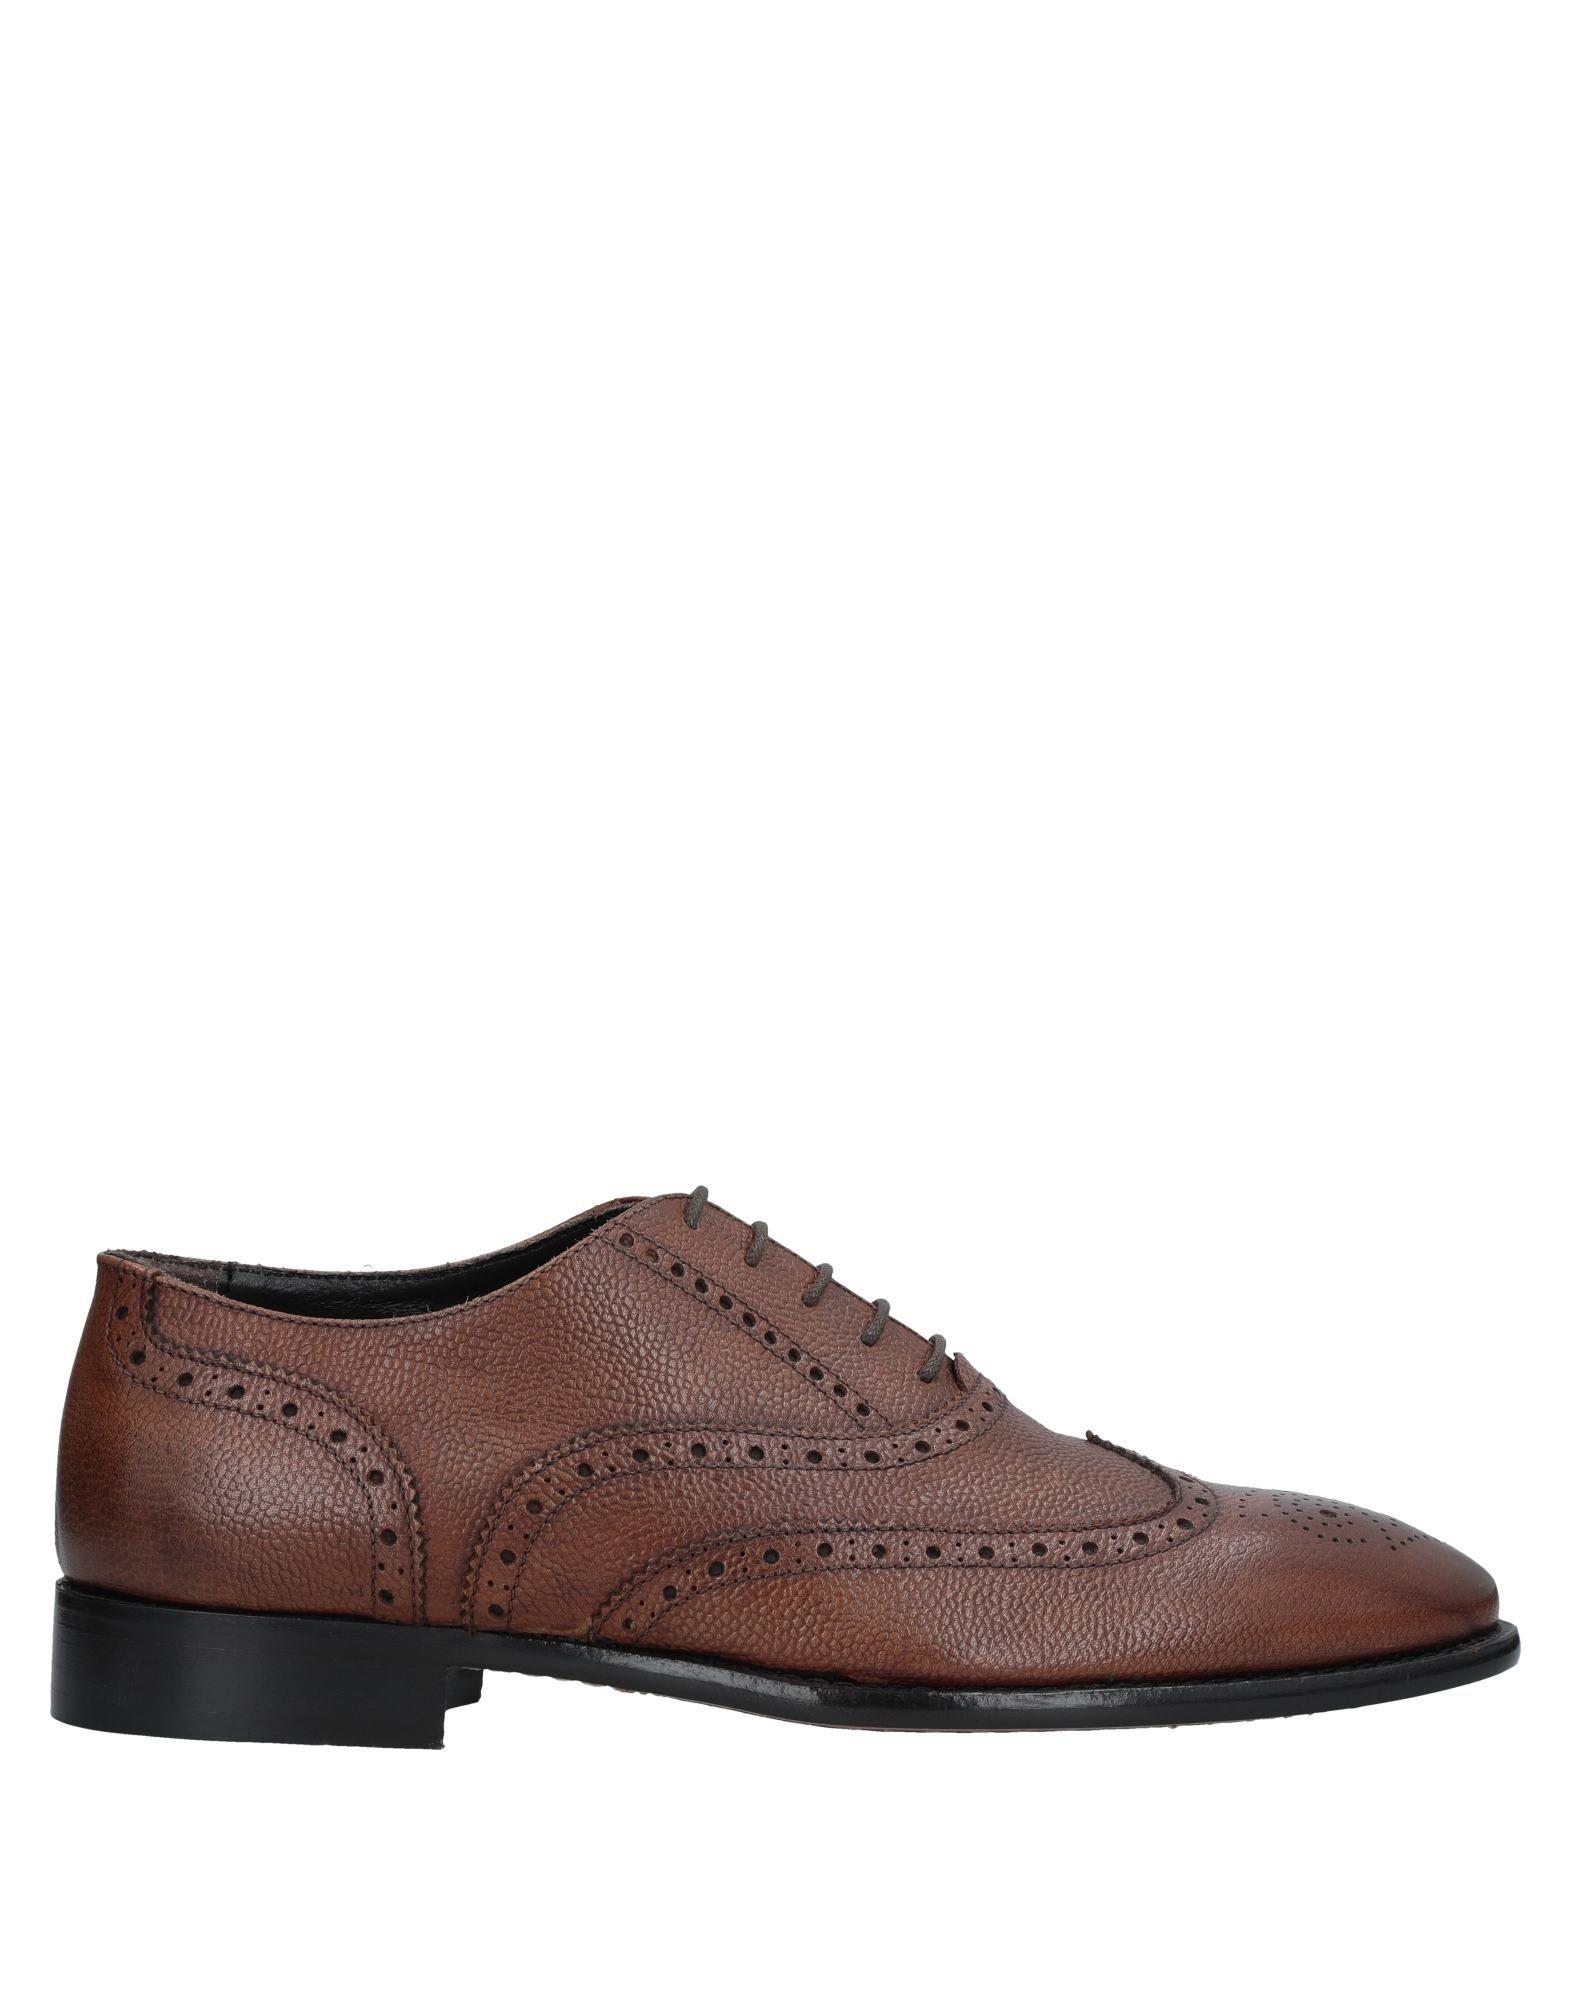 Marrón Zapato De Cordones Roberto Roberto Roberto Della Croce Hombre - Zapatos De Cordones Roberto Della Croce Tiempo limitado especial 5adad8